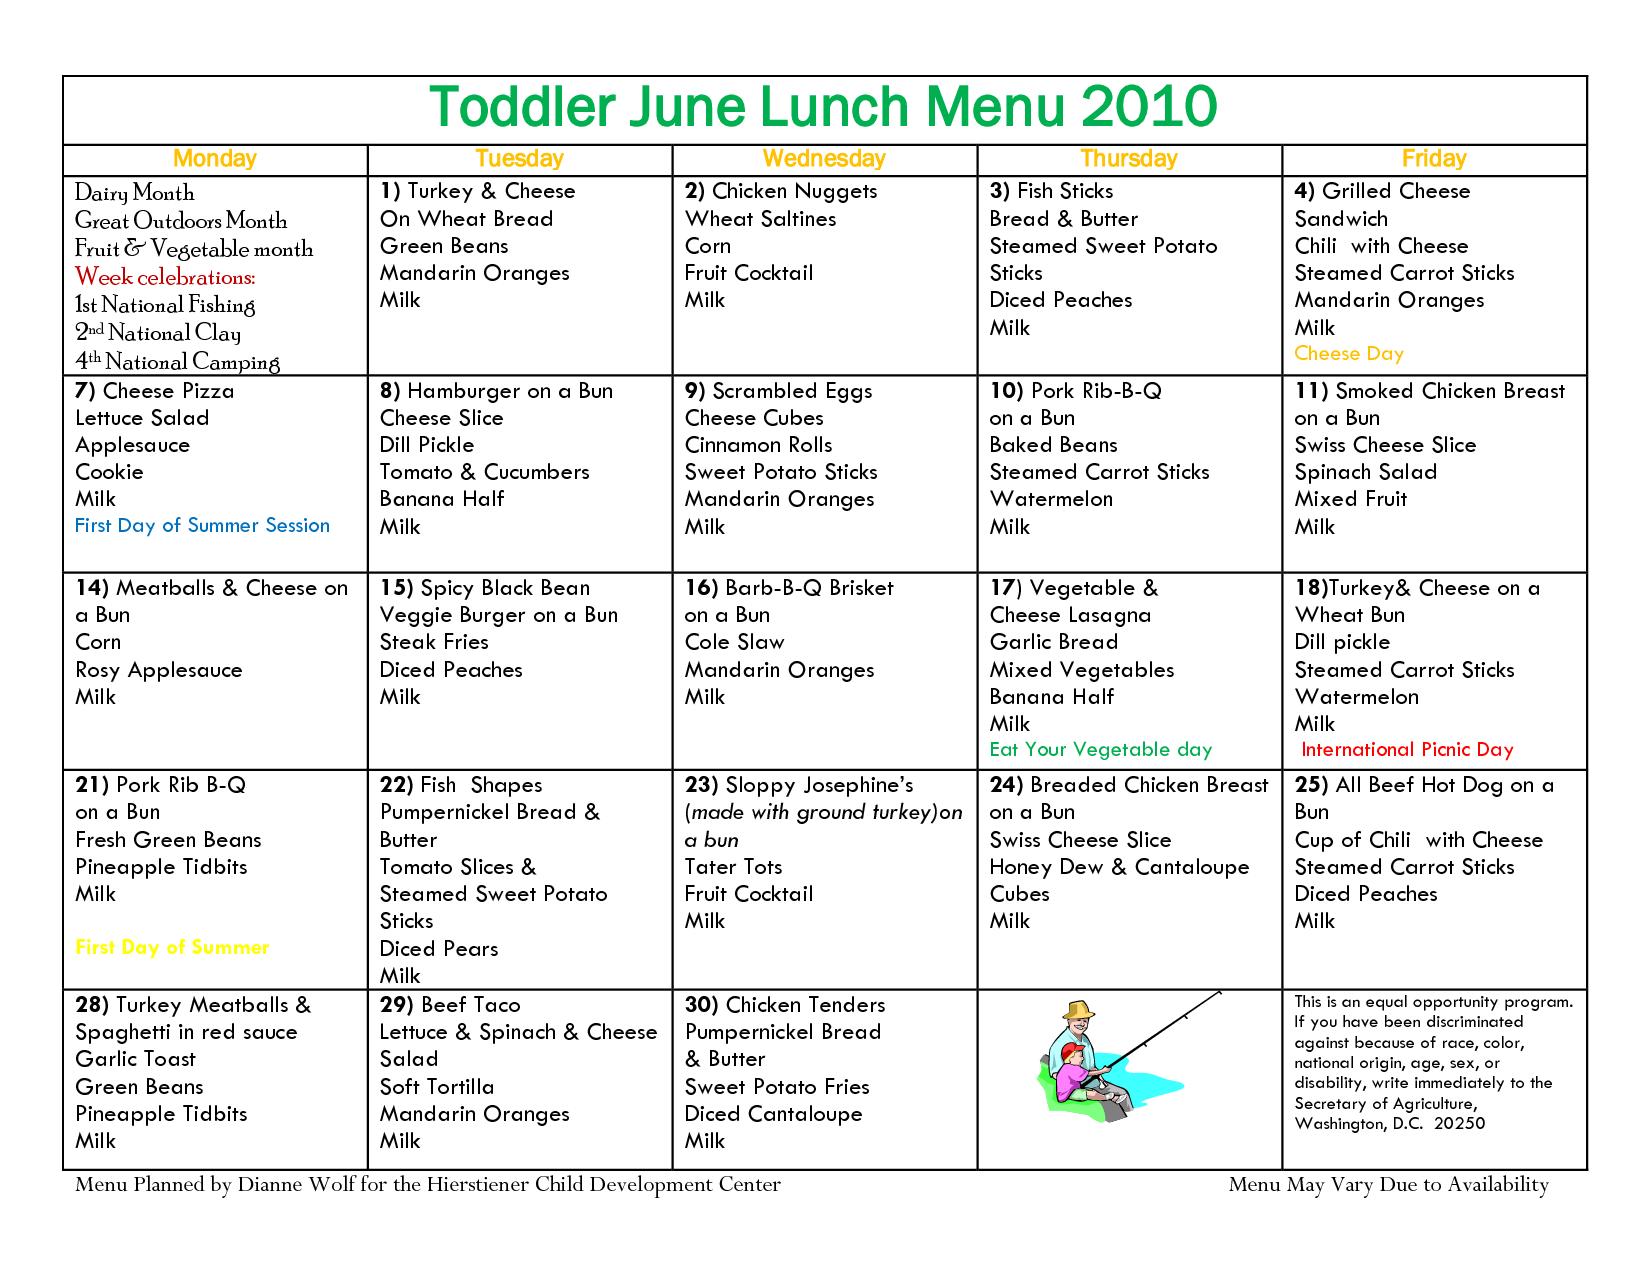 TODDLER Menu Sample Toddler April Lunch Menu 2010 – Sample Lunch Menu Template